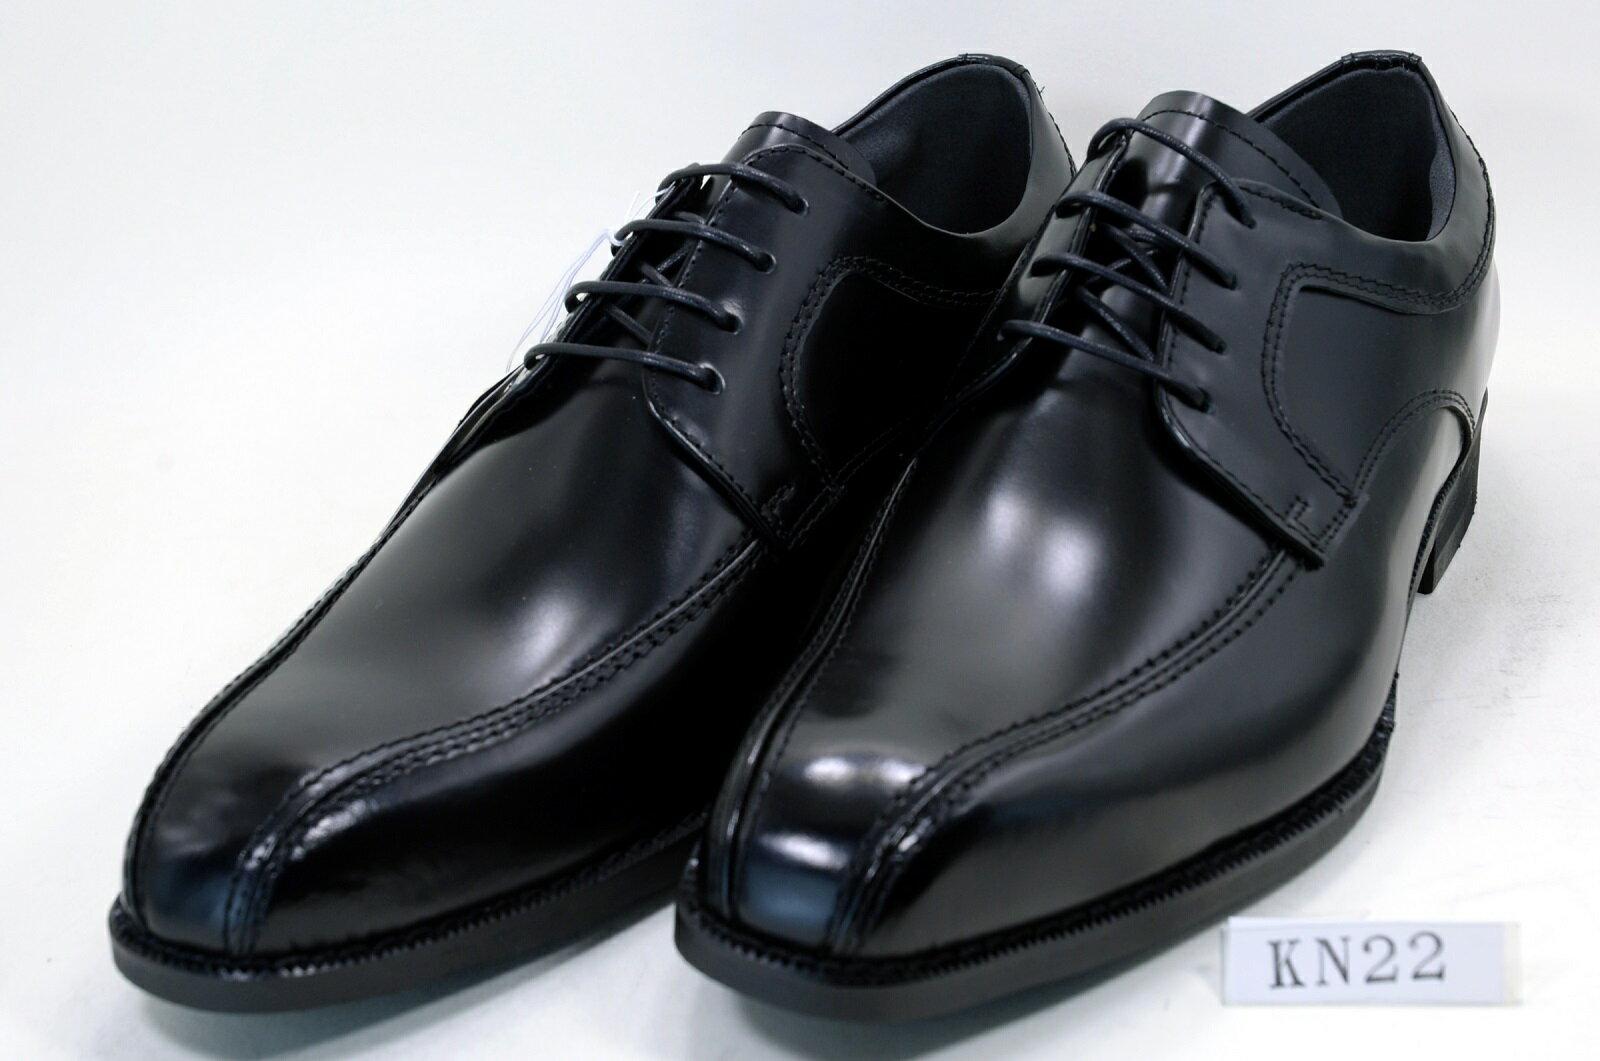 【特価】ケンフォード(リーガル社製) KN22 AB スワルート 黒   (4E)最軽量